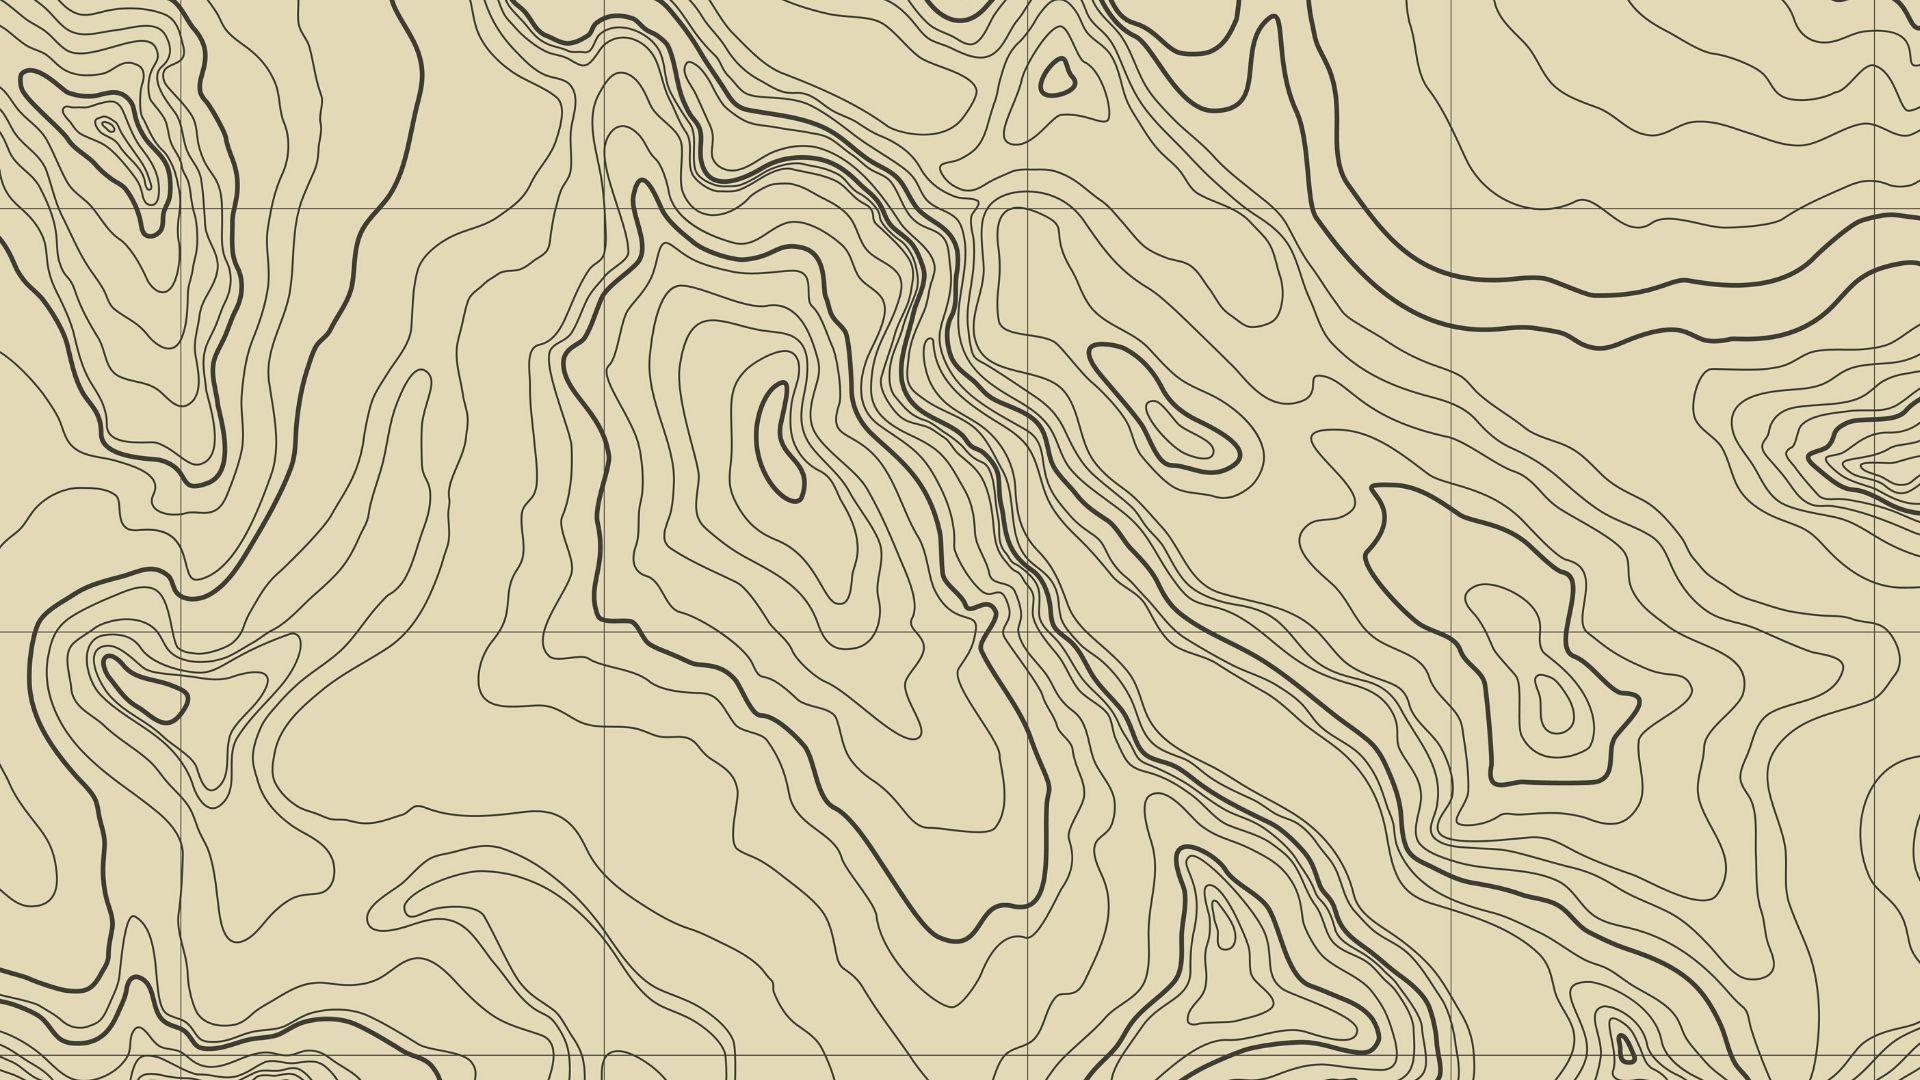 Cartina Topografica.A Che Cosa Serve Una Mappa Topografica Perche E Importante Unione Geometri